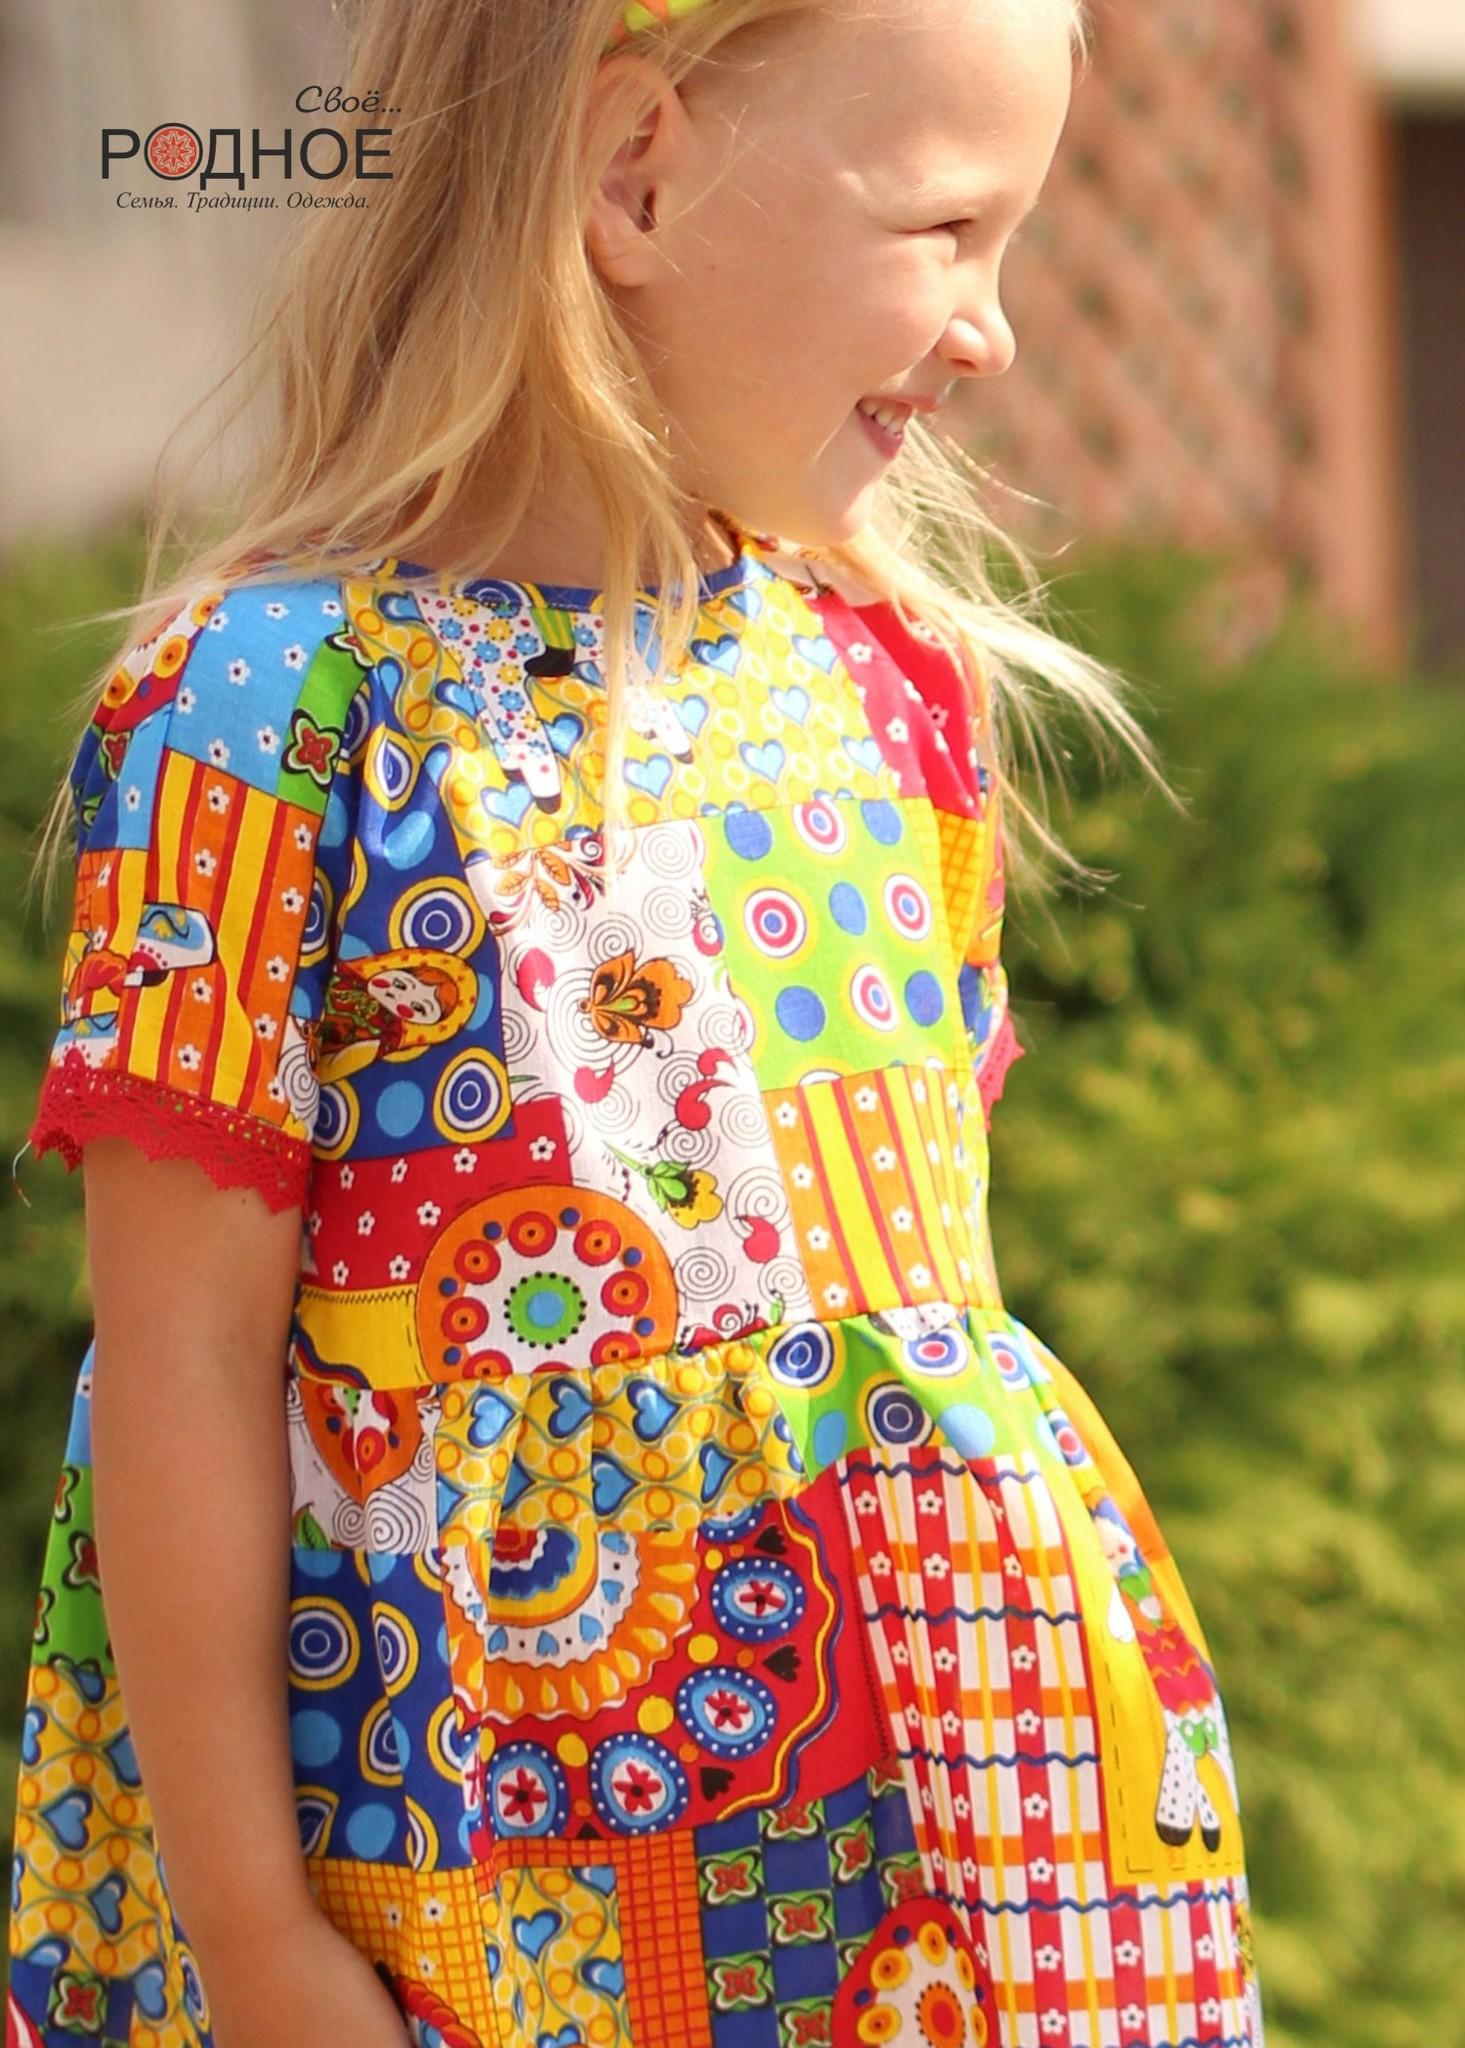 Платье Дымковская игрушка 02 увеличенный фрагмент